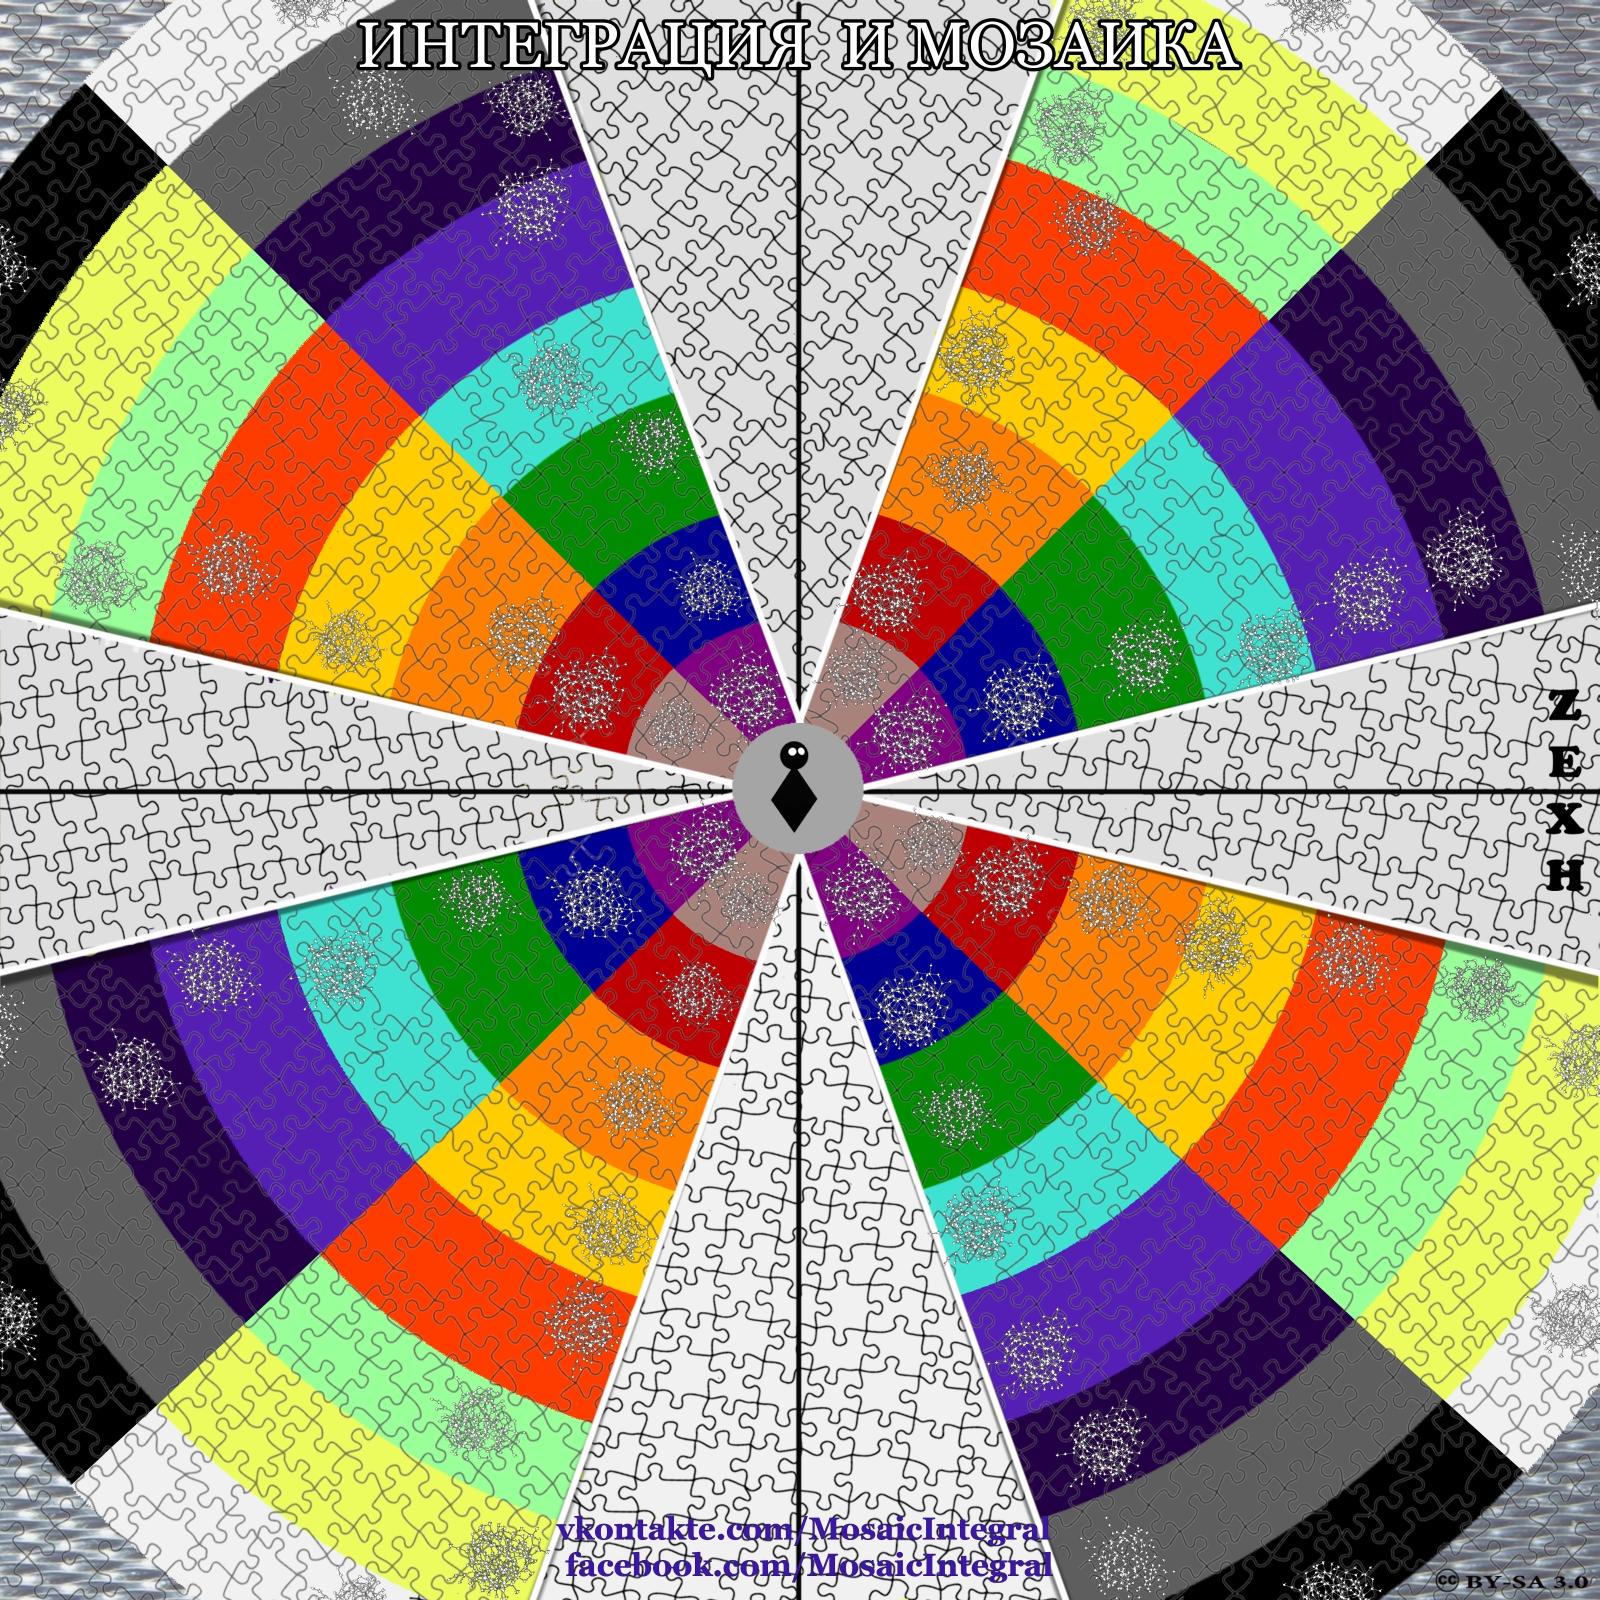 интегральный подход - мозаичный подход: этаж, слой - пара уровней